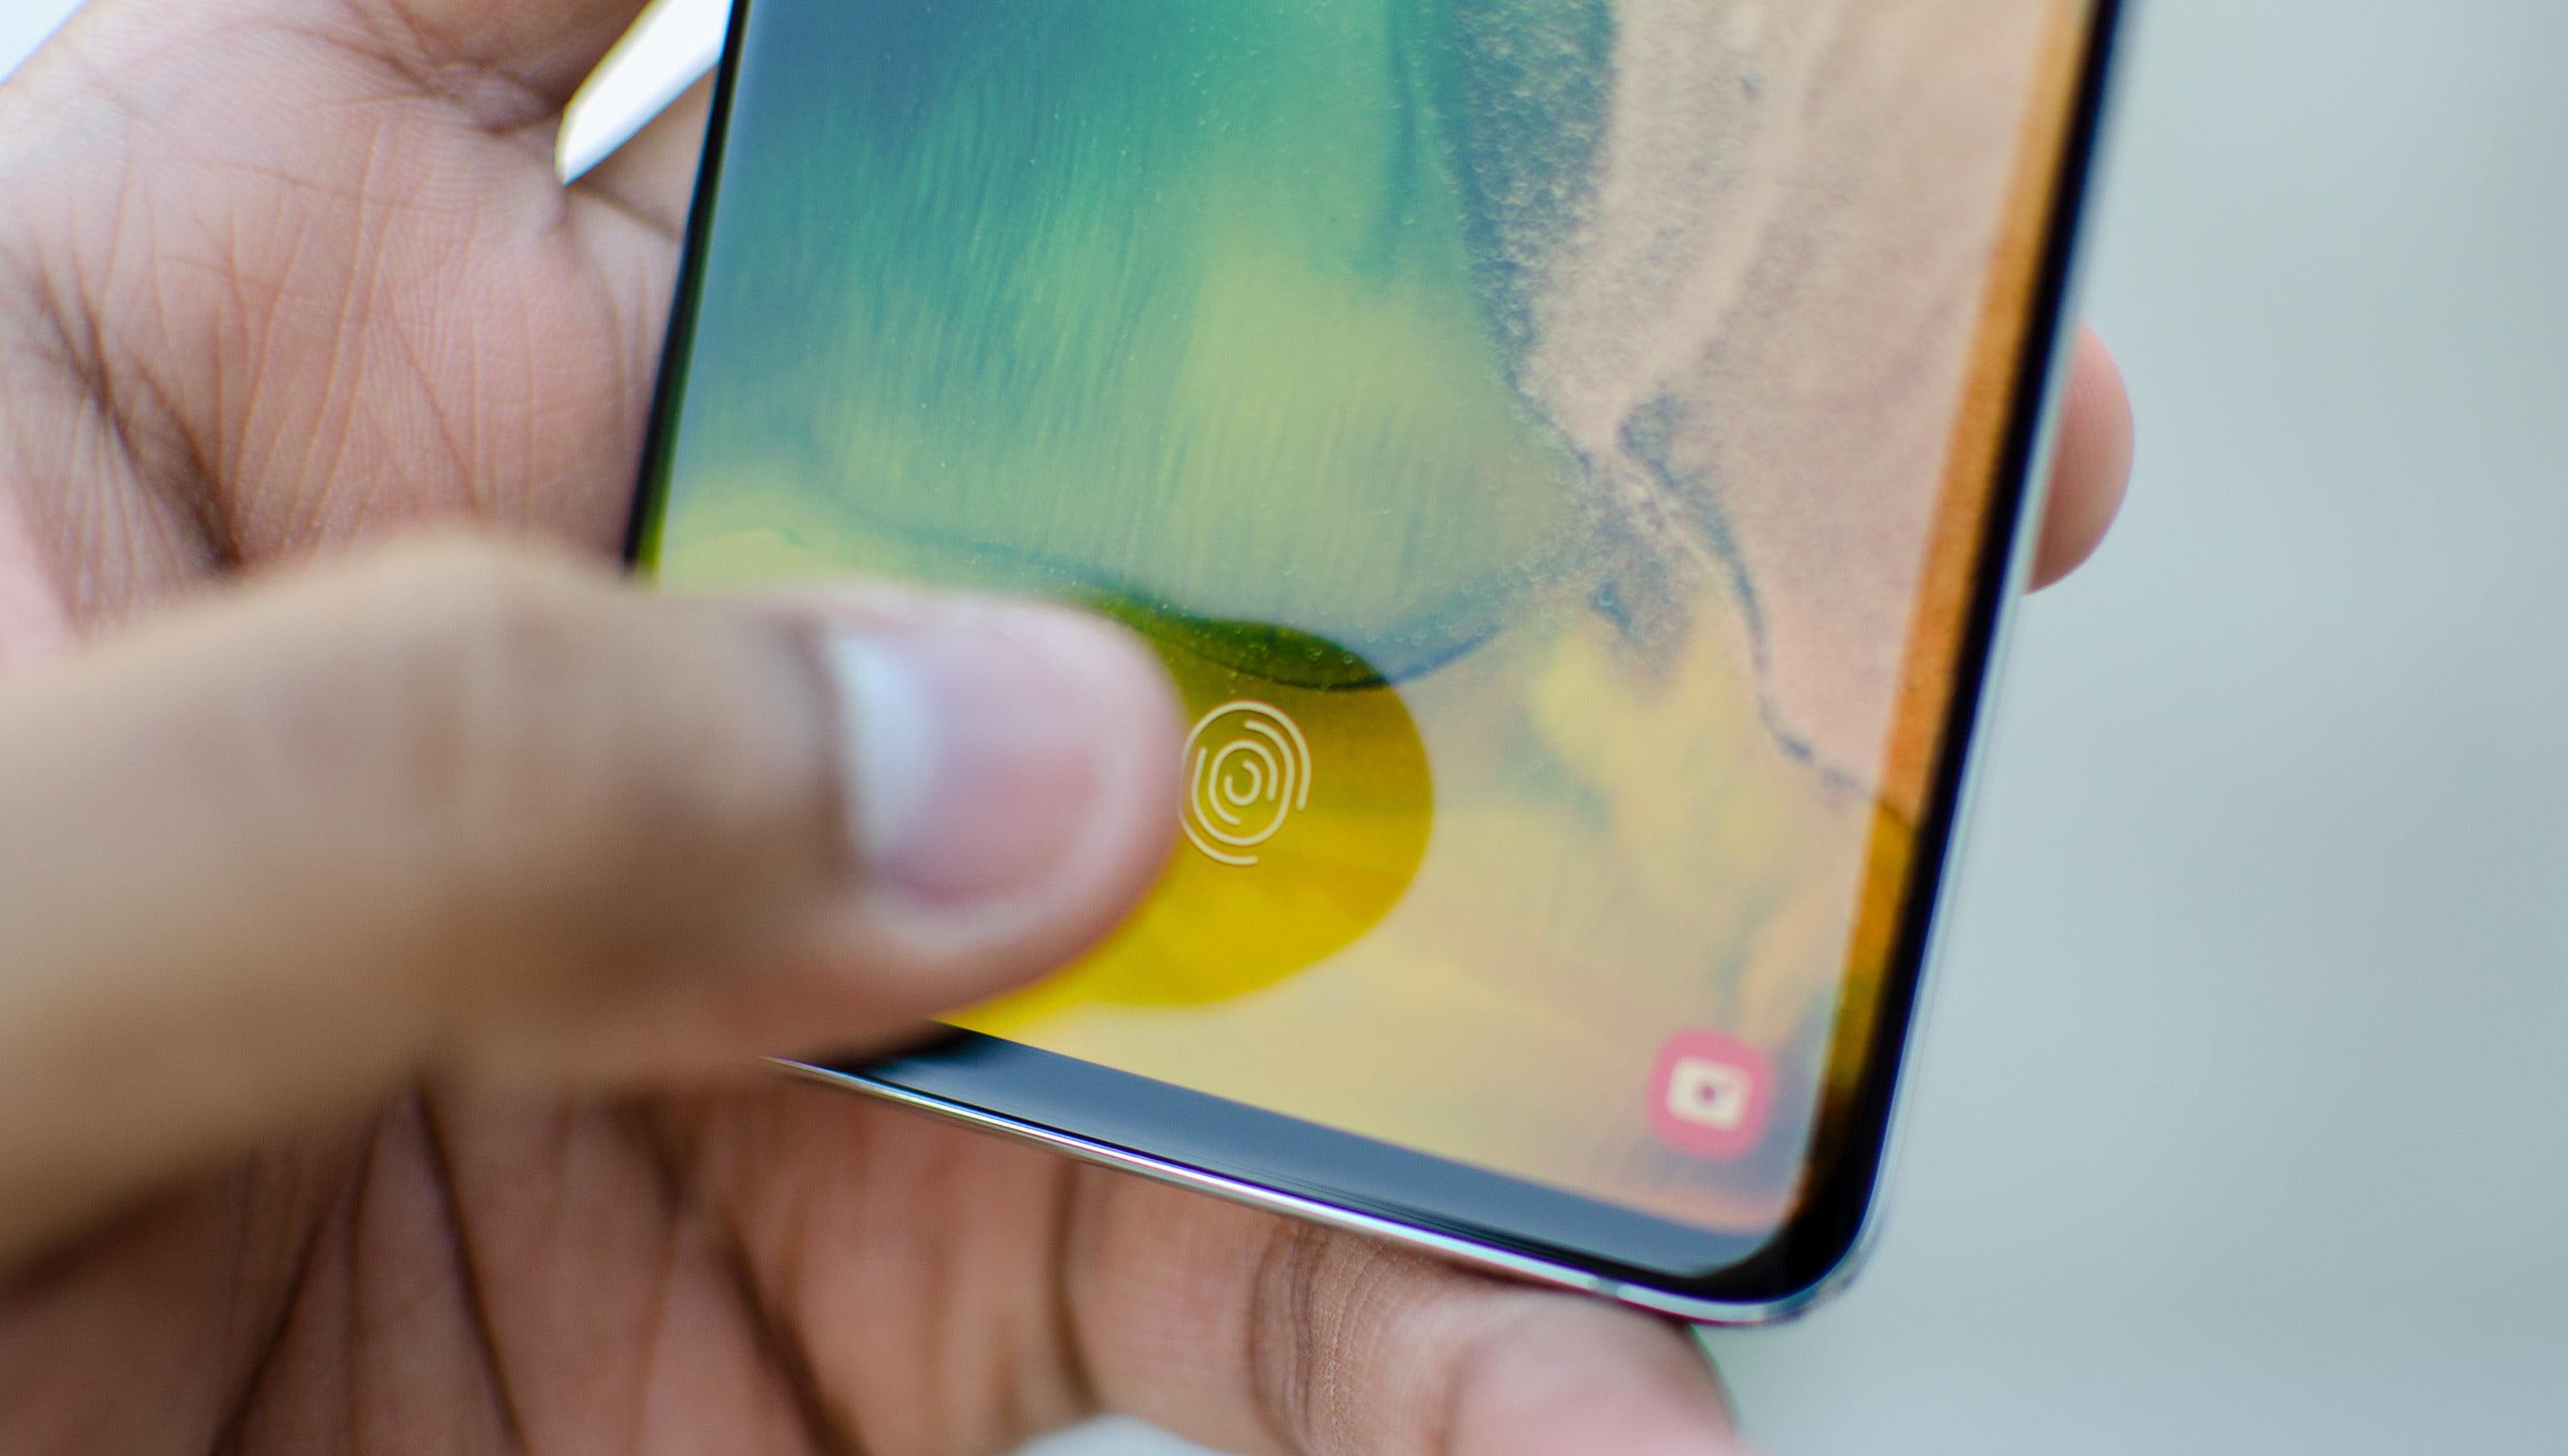 汇顶将推出5G超薄指纹识别技术,光学指纹终于要突破了!